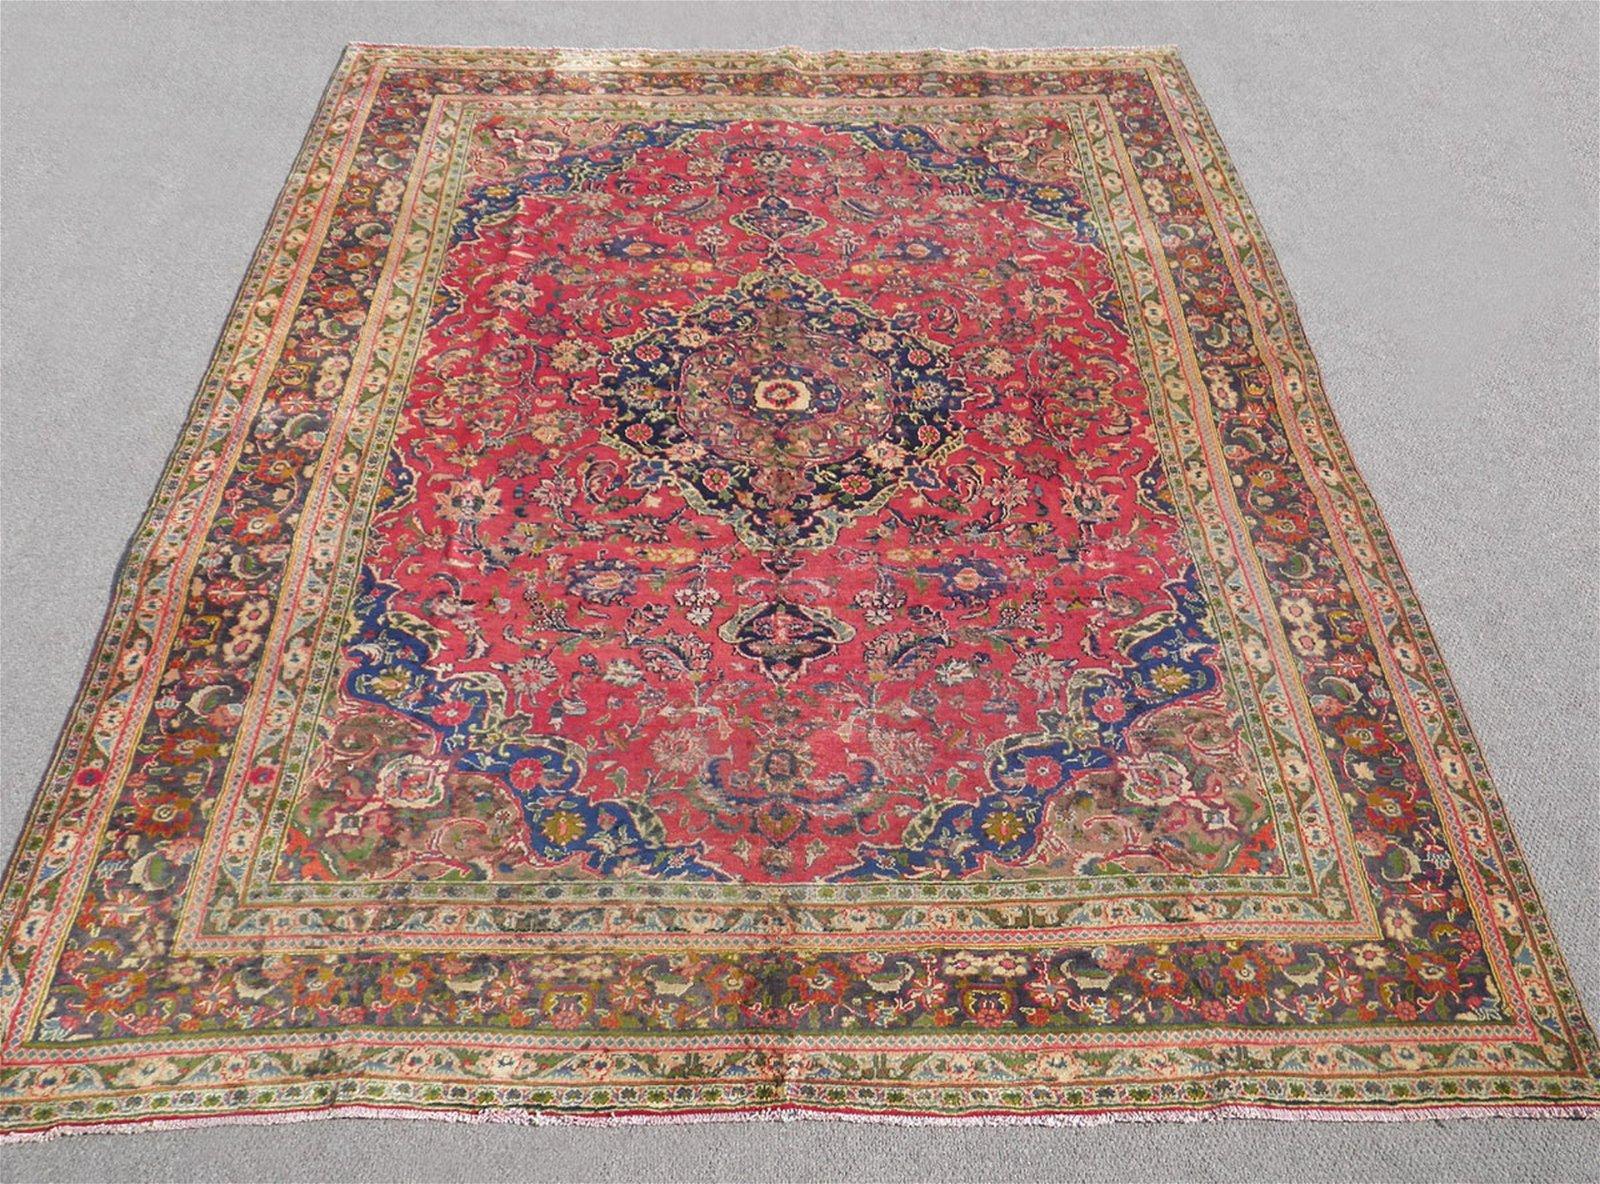 Detailed Semi Antique Persian Mashhad 12.7x9.6